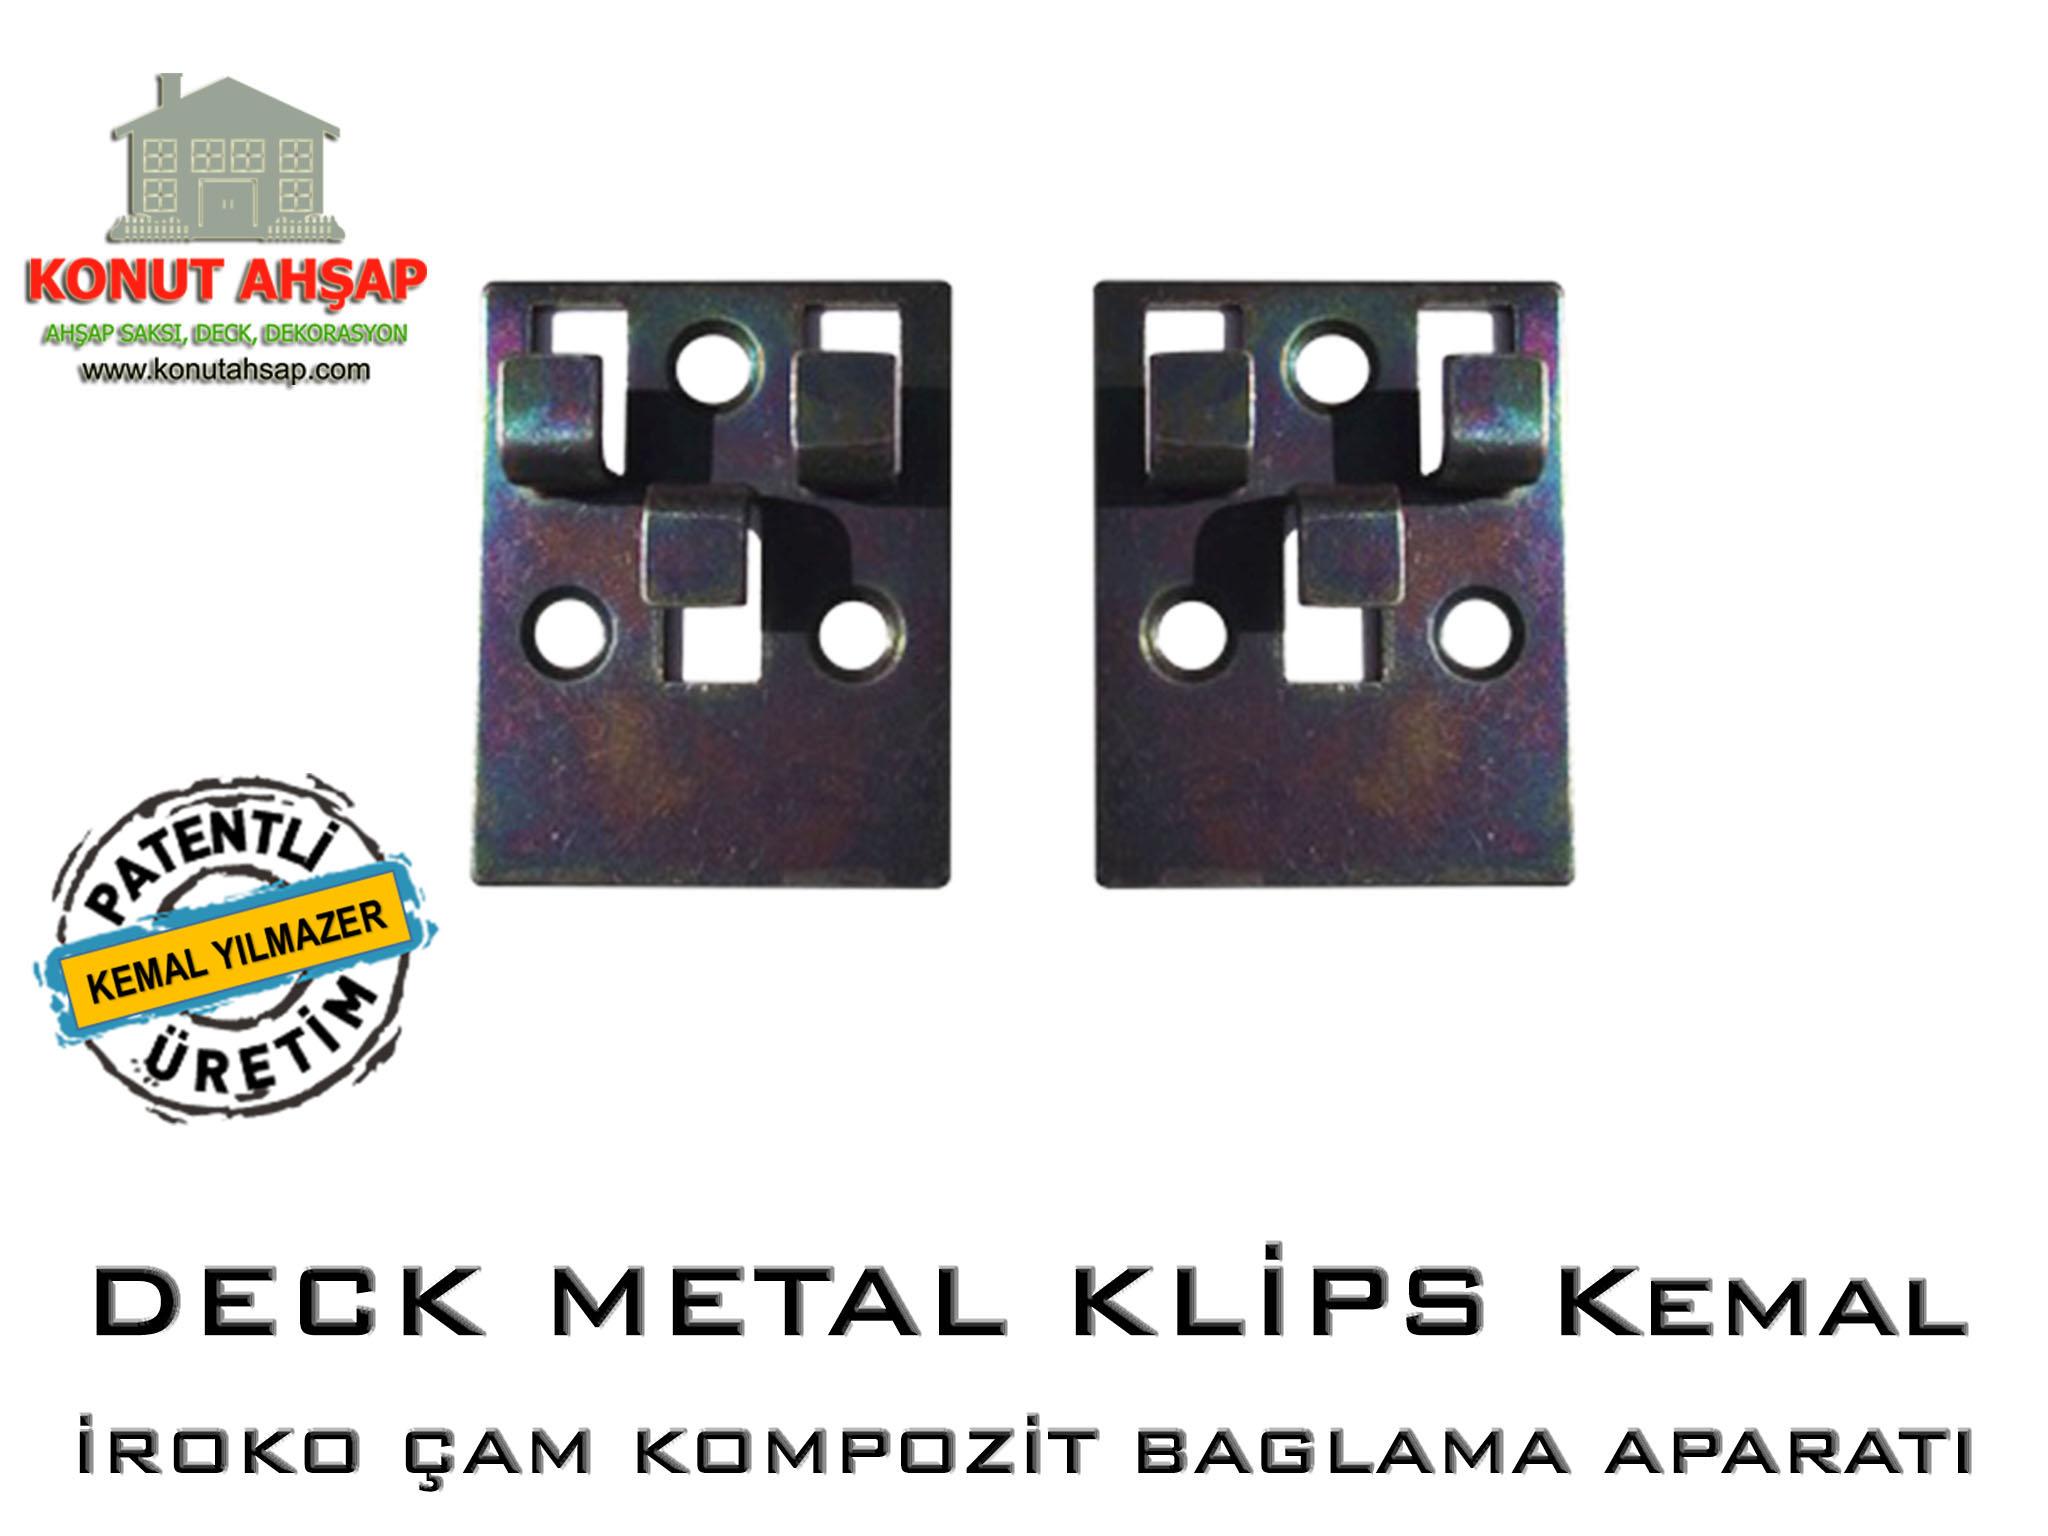 Metal dkp